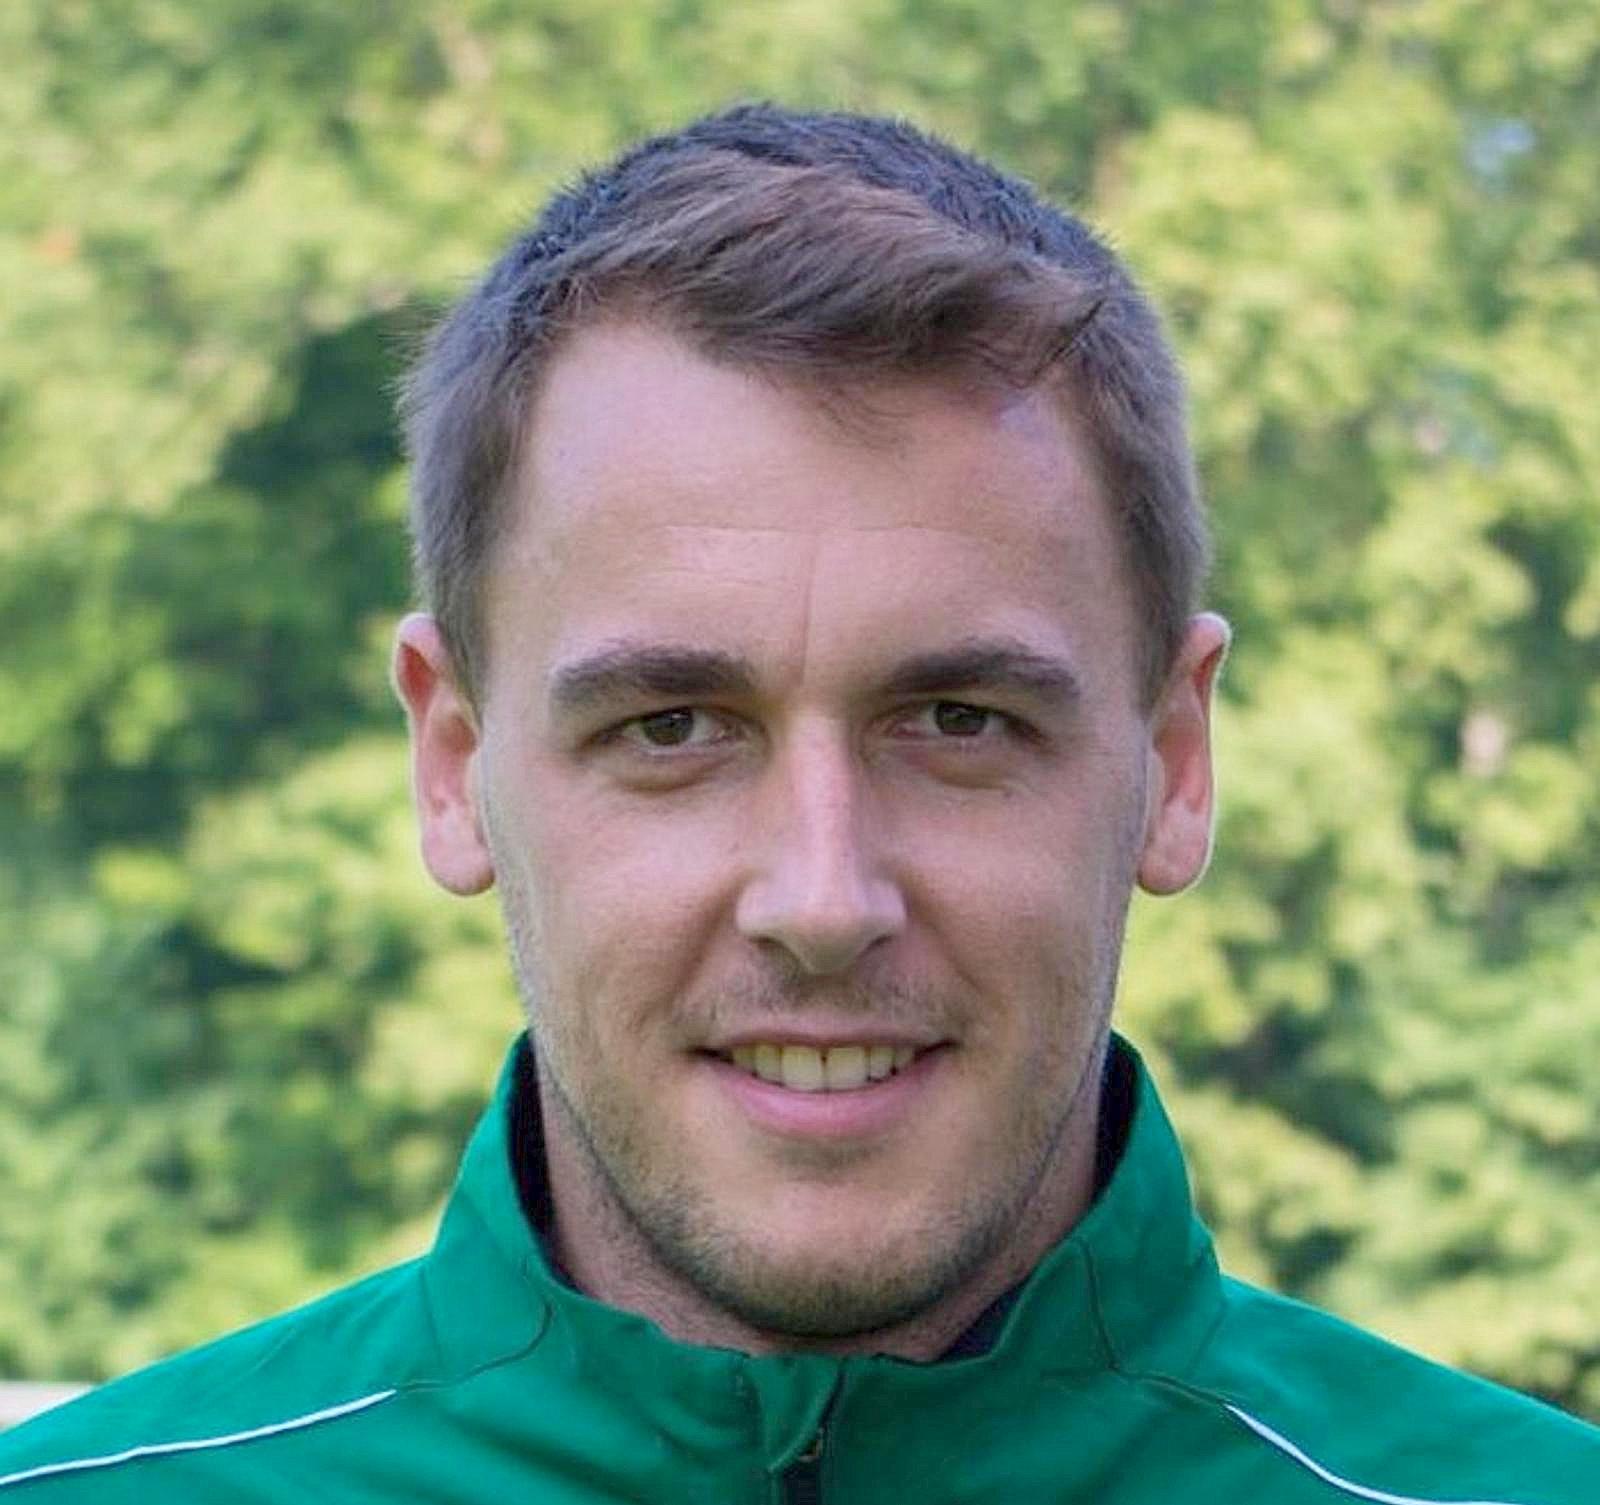 Christian Ganter wird die Nachfolge von <b>Karsten Bickel</b> antreten - ccbcc545-6437-4c69-b50f-0d62ad5057ec